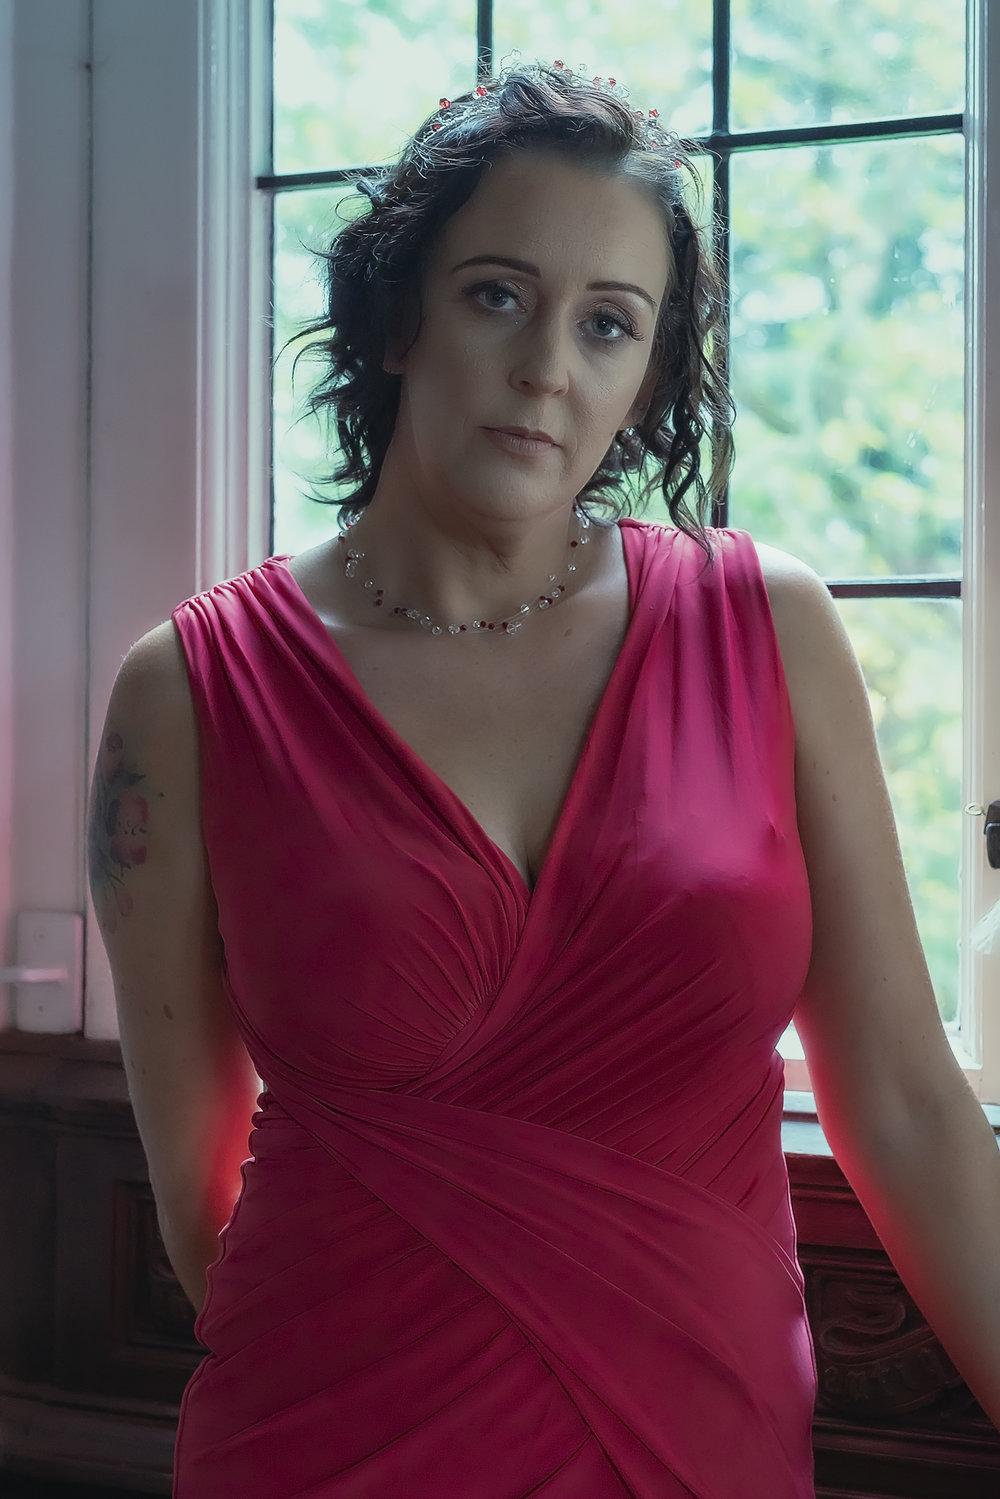 Model: Jessica Stiby MUA: Bonita Osborne